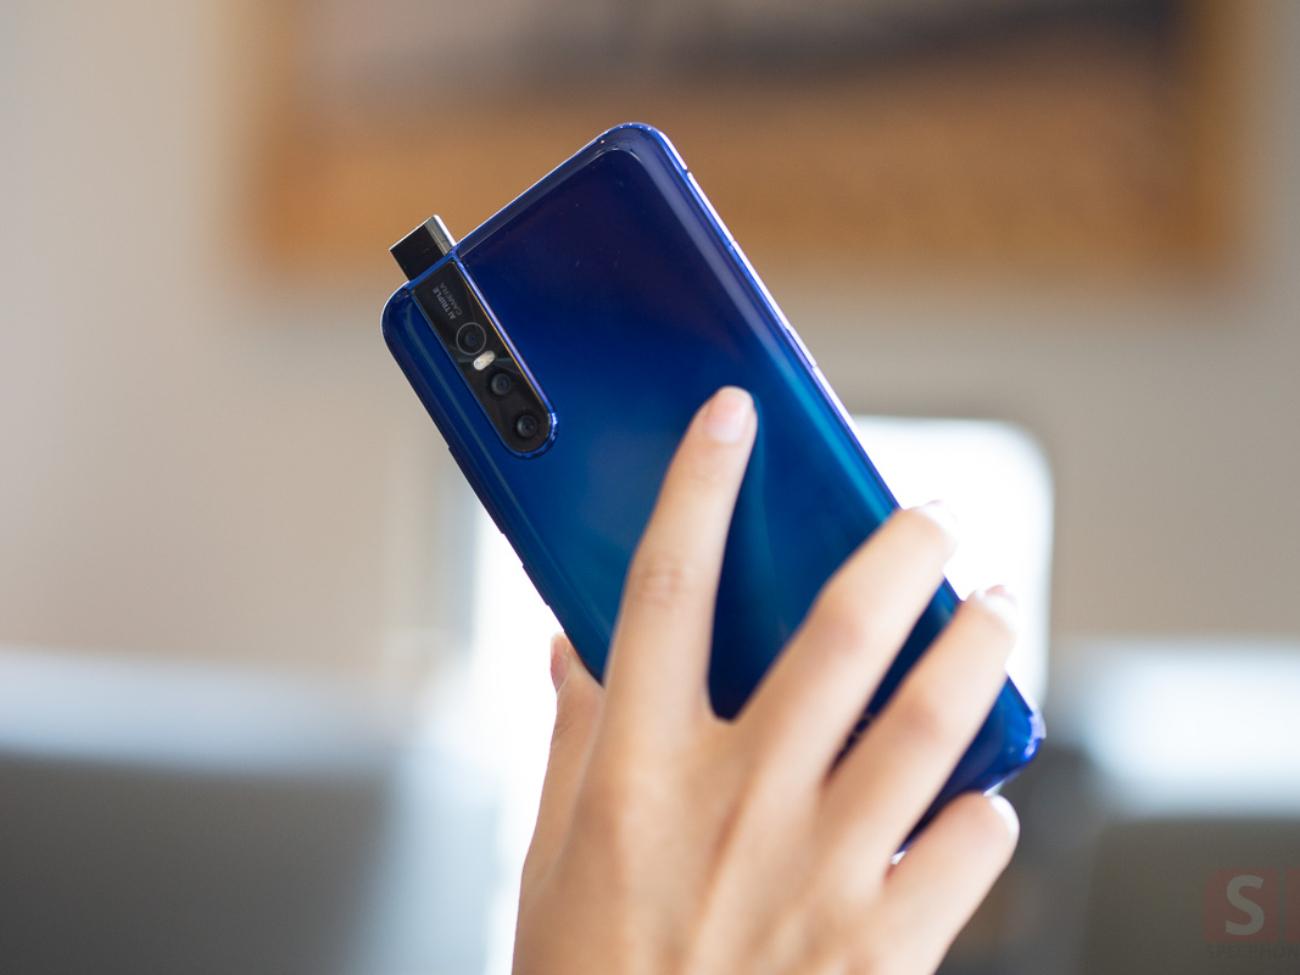 Vivo-V15-Pro-Review-SpecPhone-00010